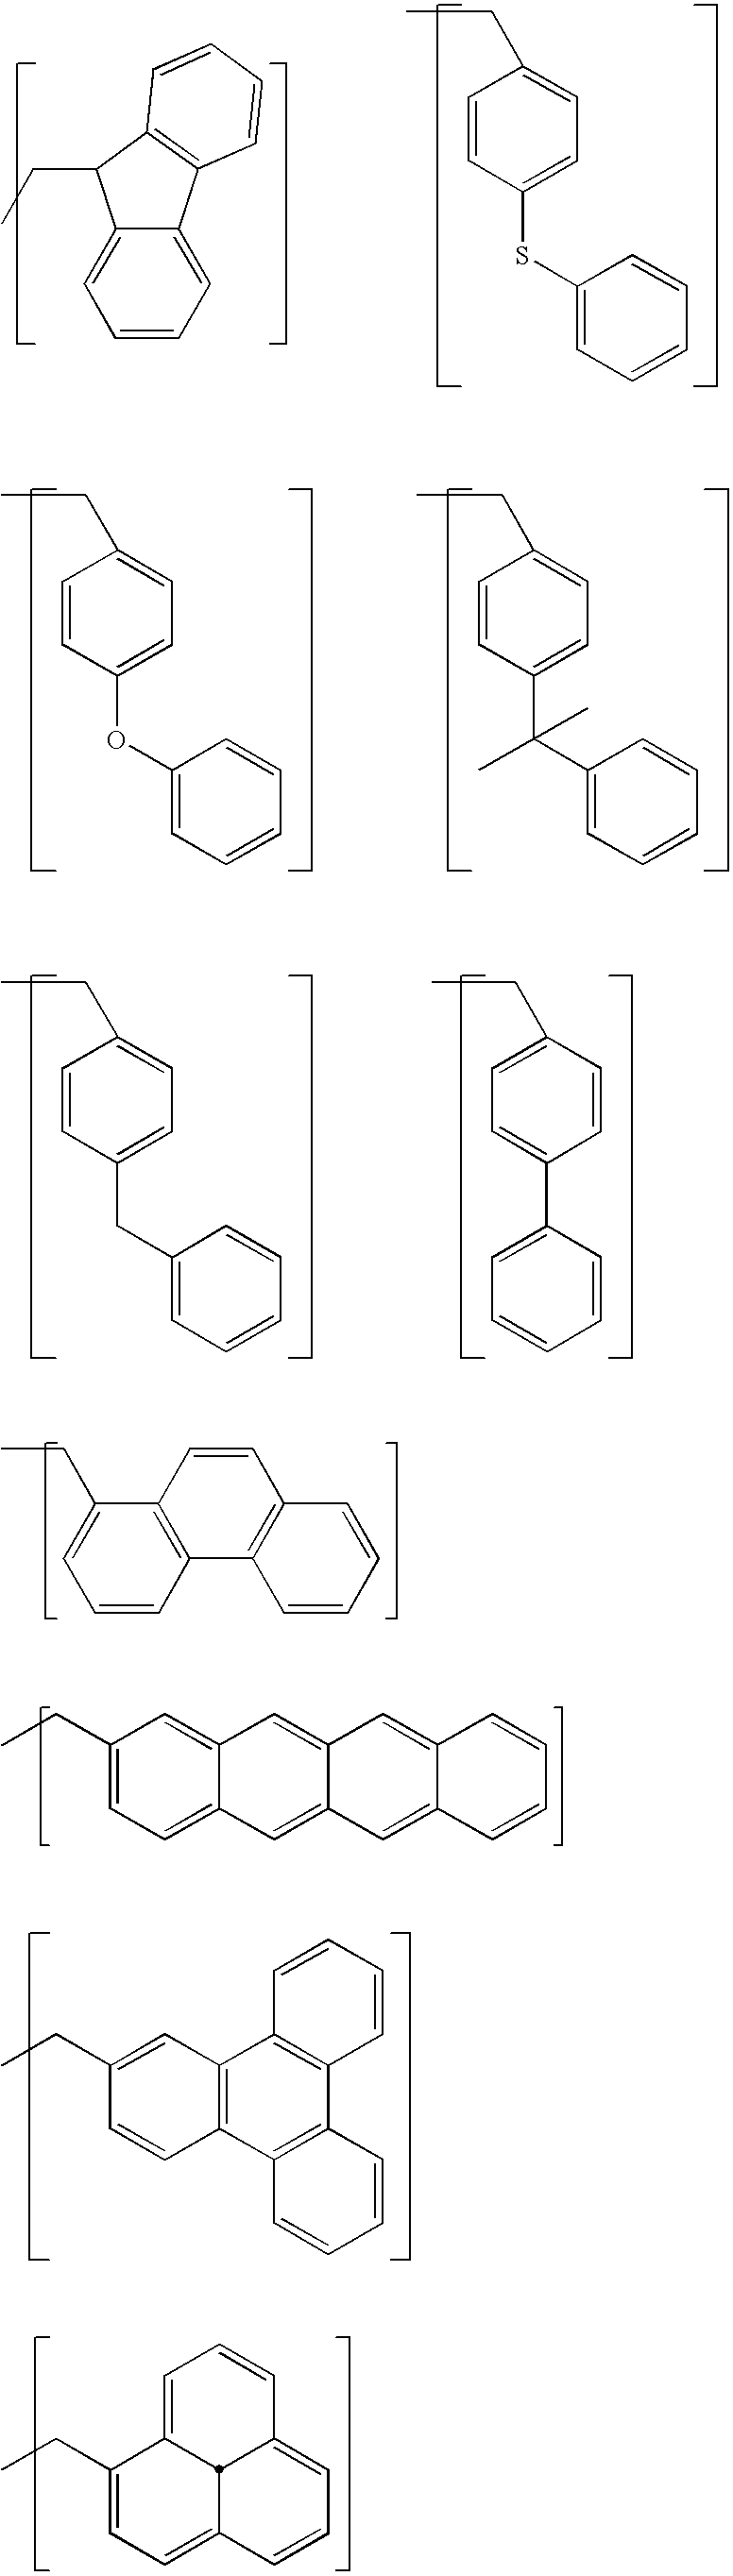 Figure US20070275325A1-20071129-C00018